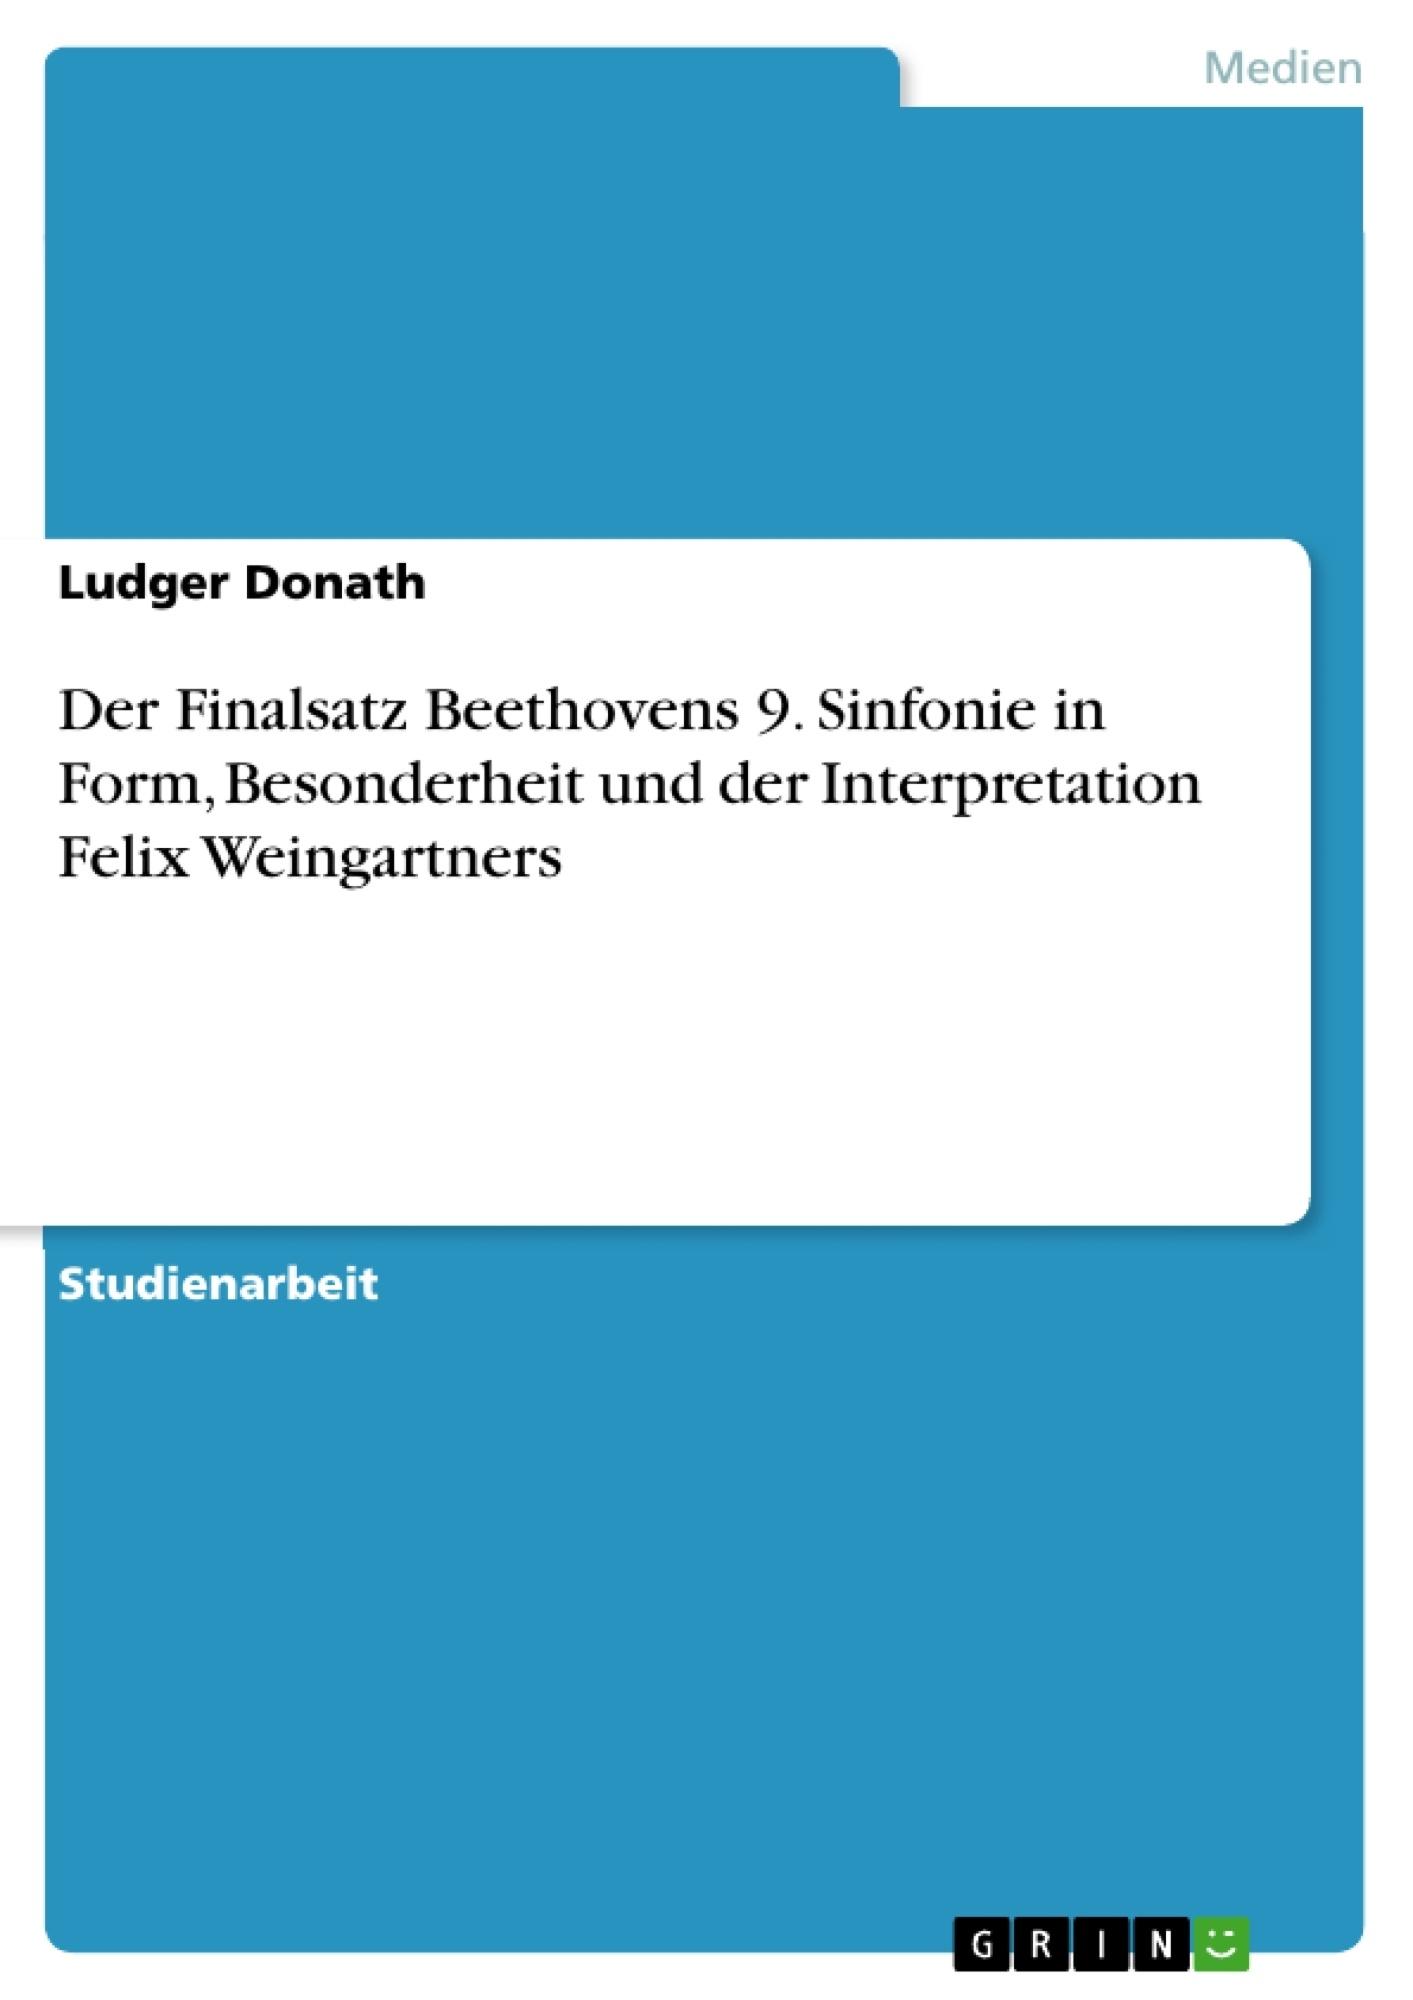 Titel: Der Finalsatz Beethovens 9. Sinfonie in Form, Besonderheit und der Interpretation Felix Weingartners